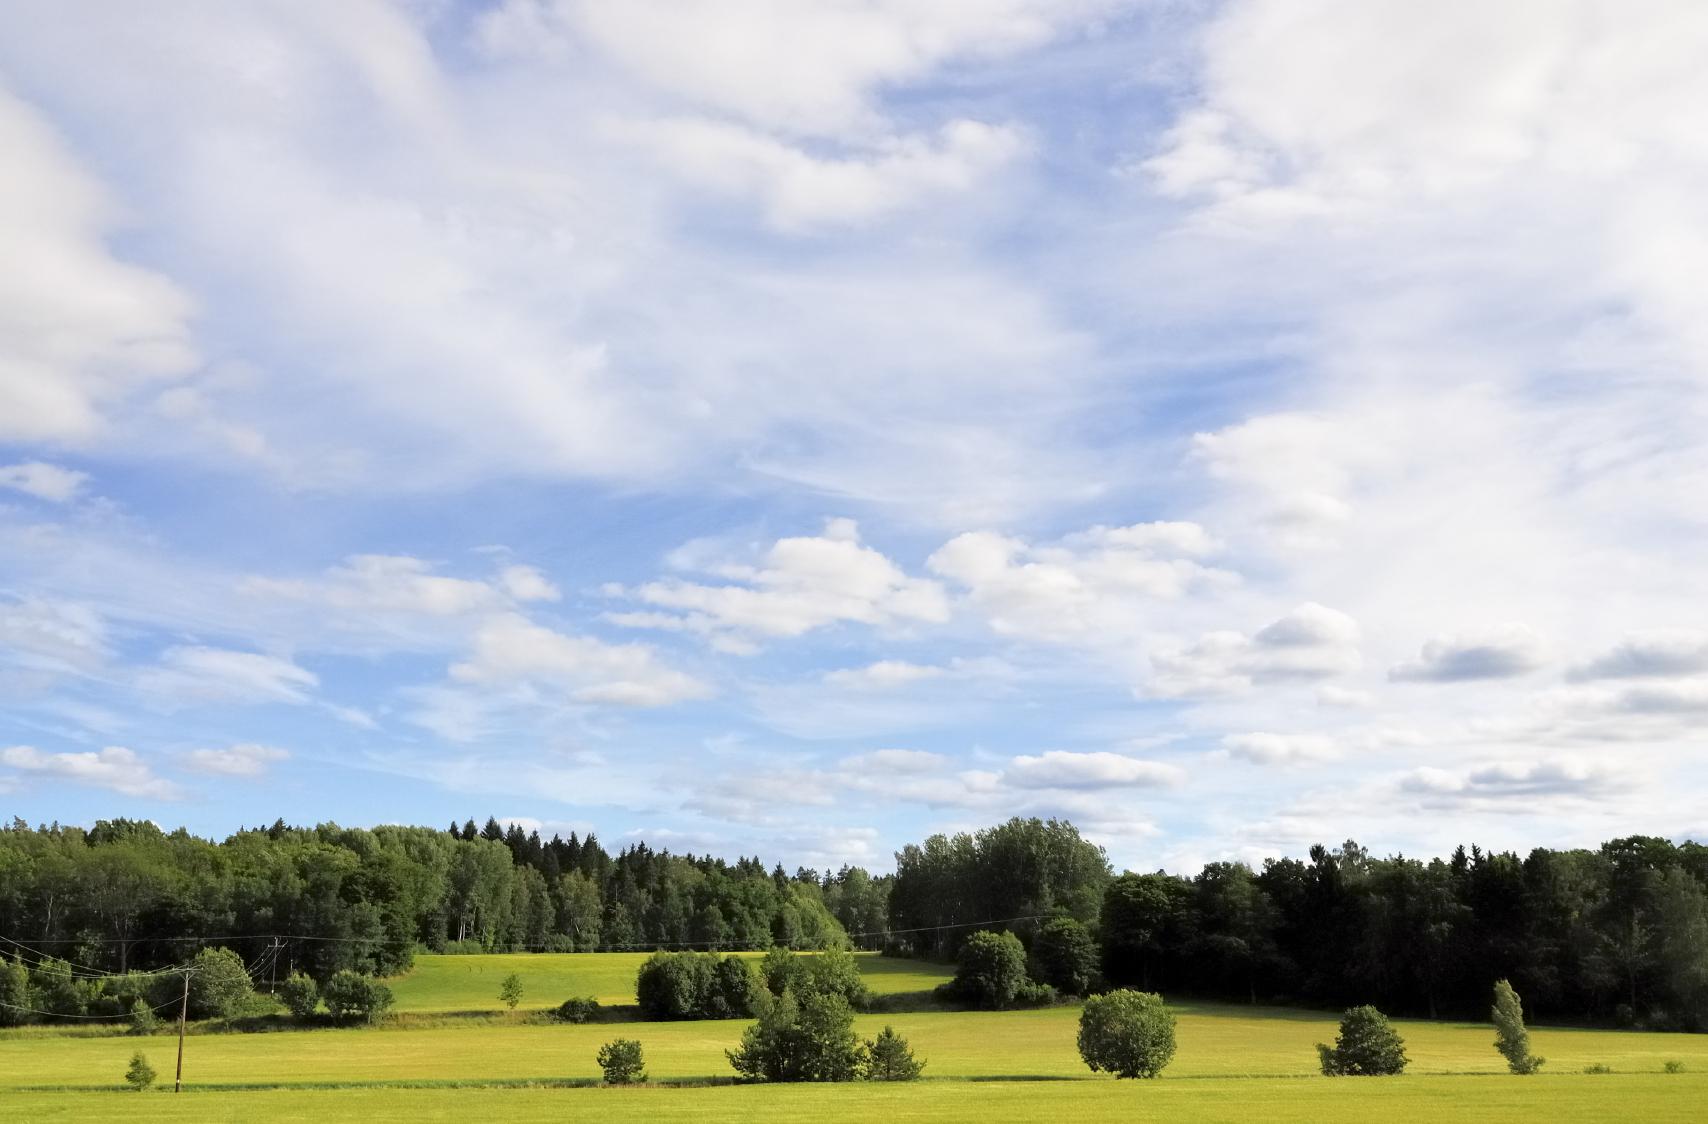 Krönika: Halva Ingvar Kamprads arv går till Norrland